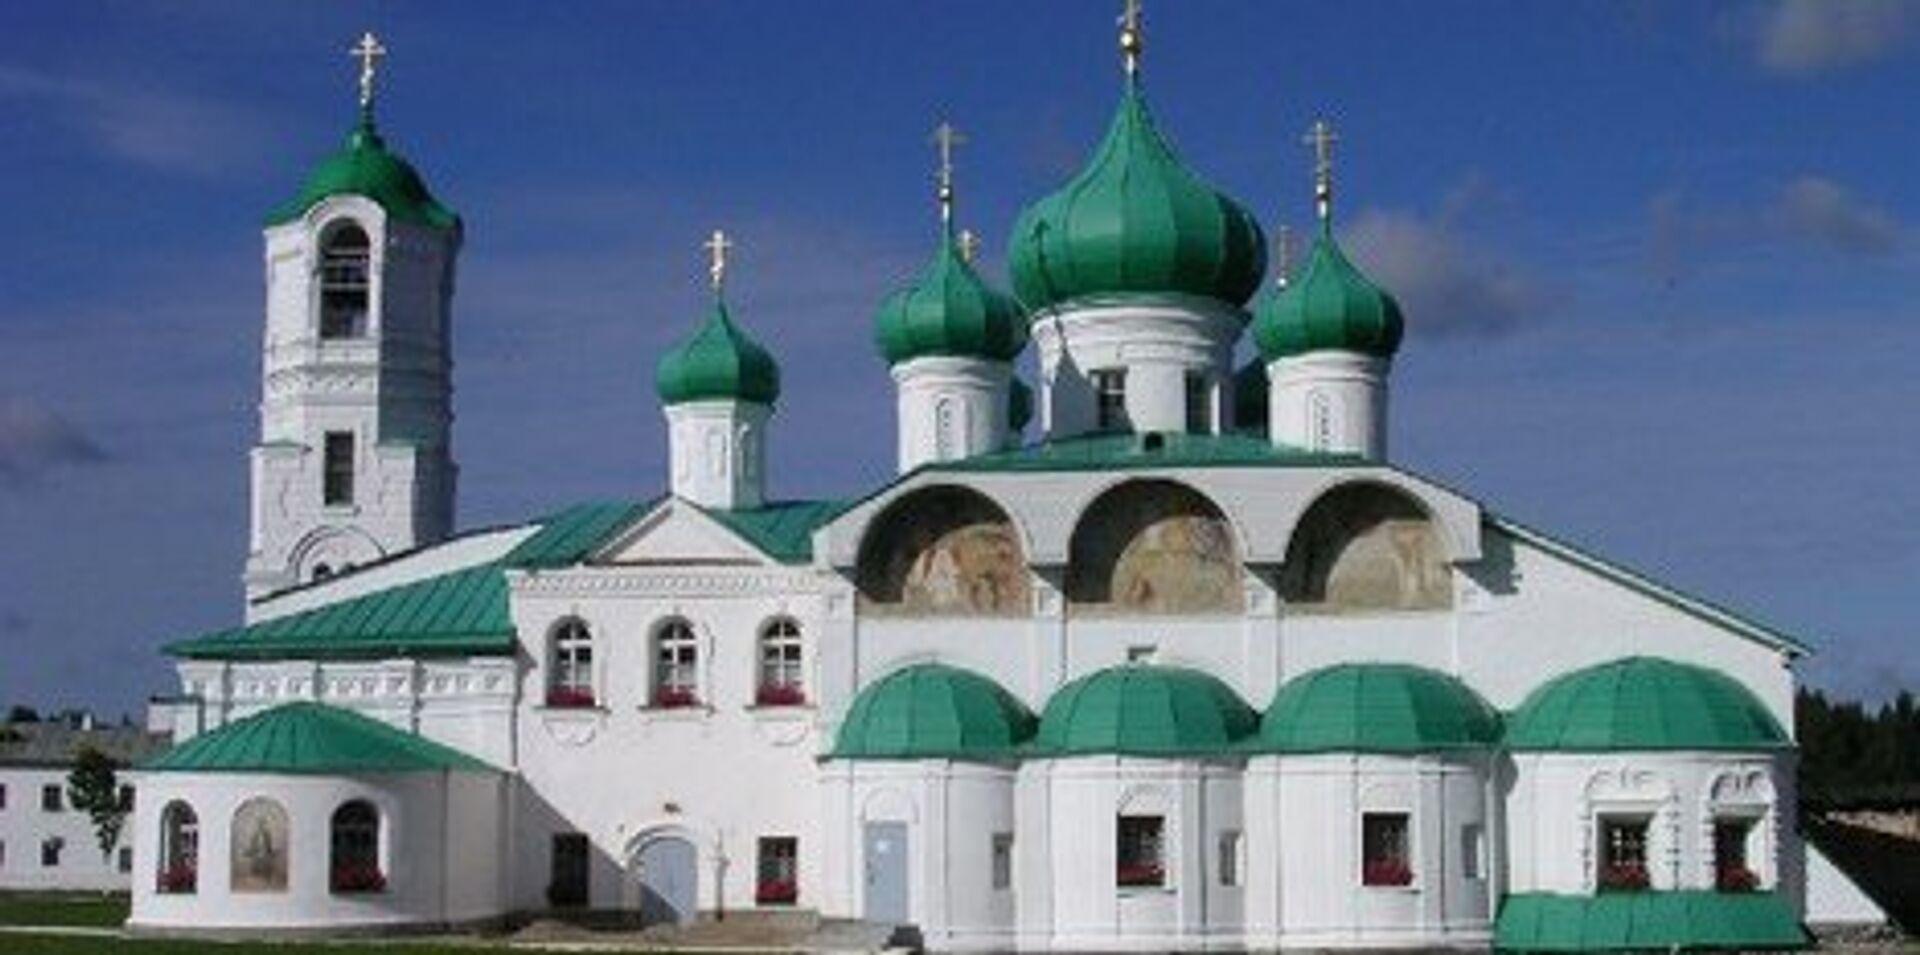 Александро-Свирский монастырь в Ленинградской области - РИА Новости, 1920, 10.09.2021